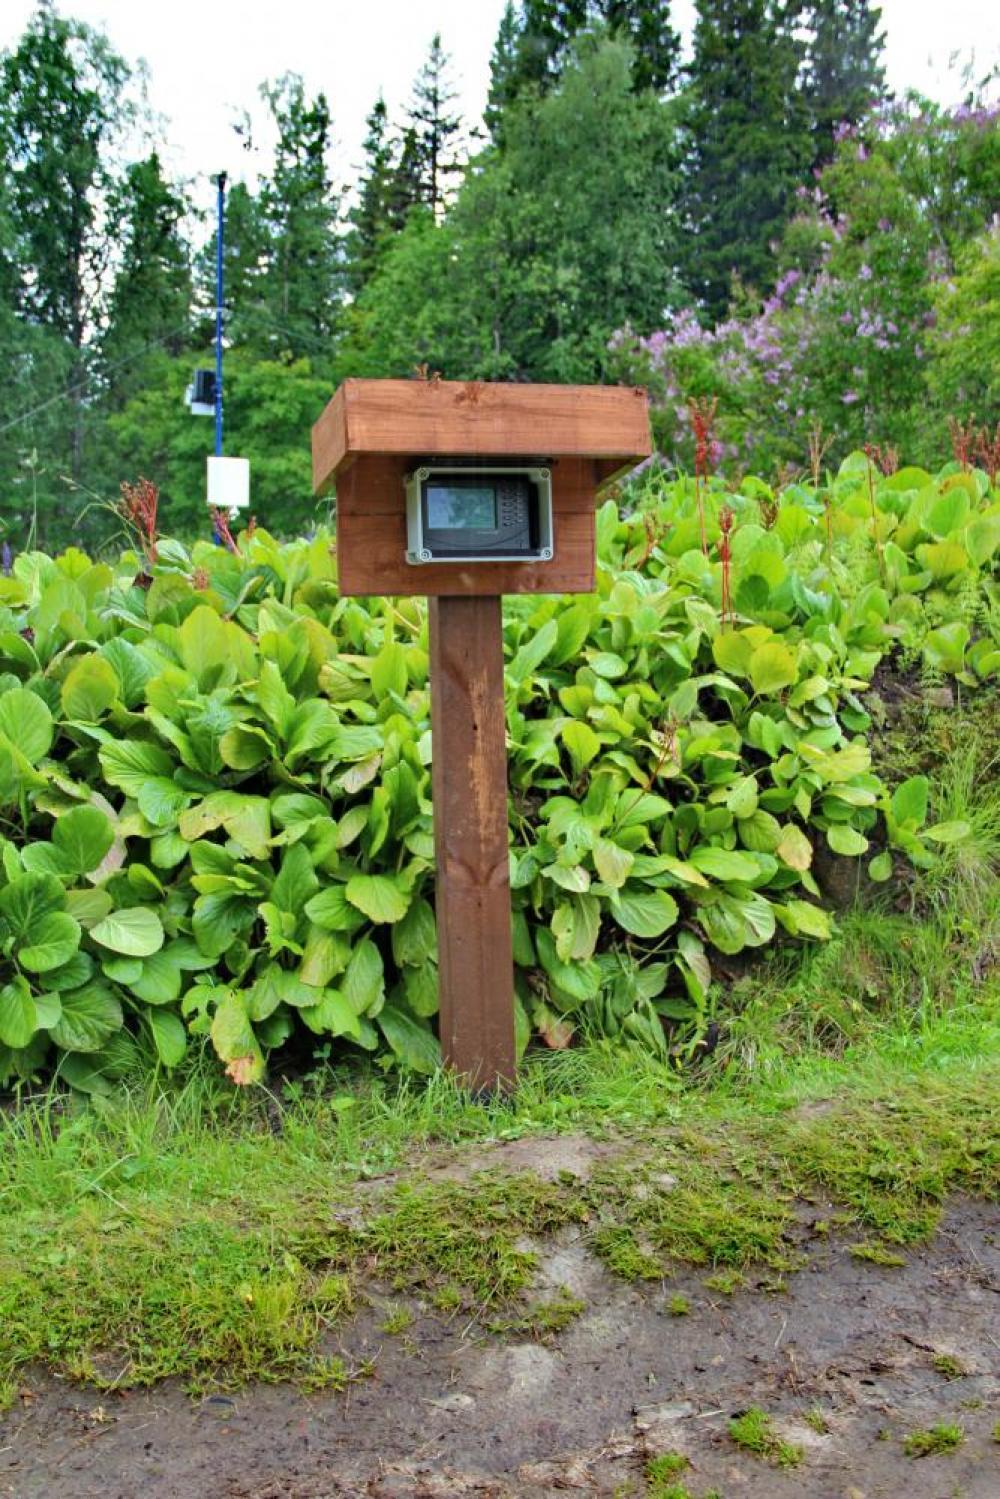 Консоль метеостанции в Ботаническом саду